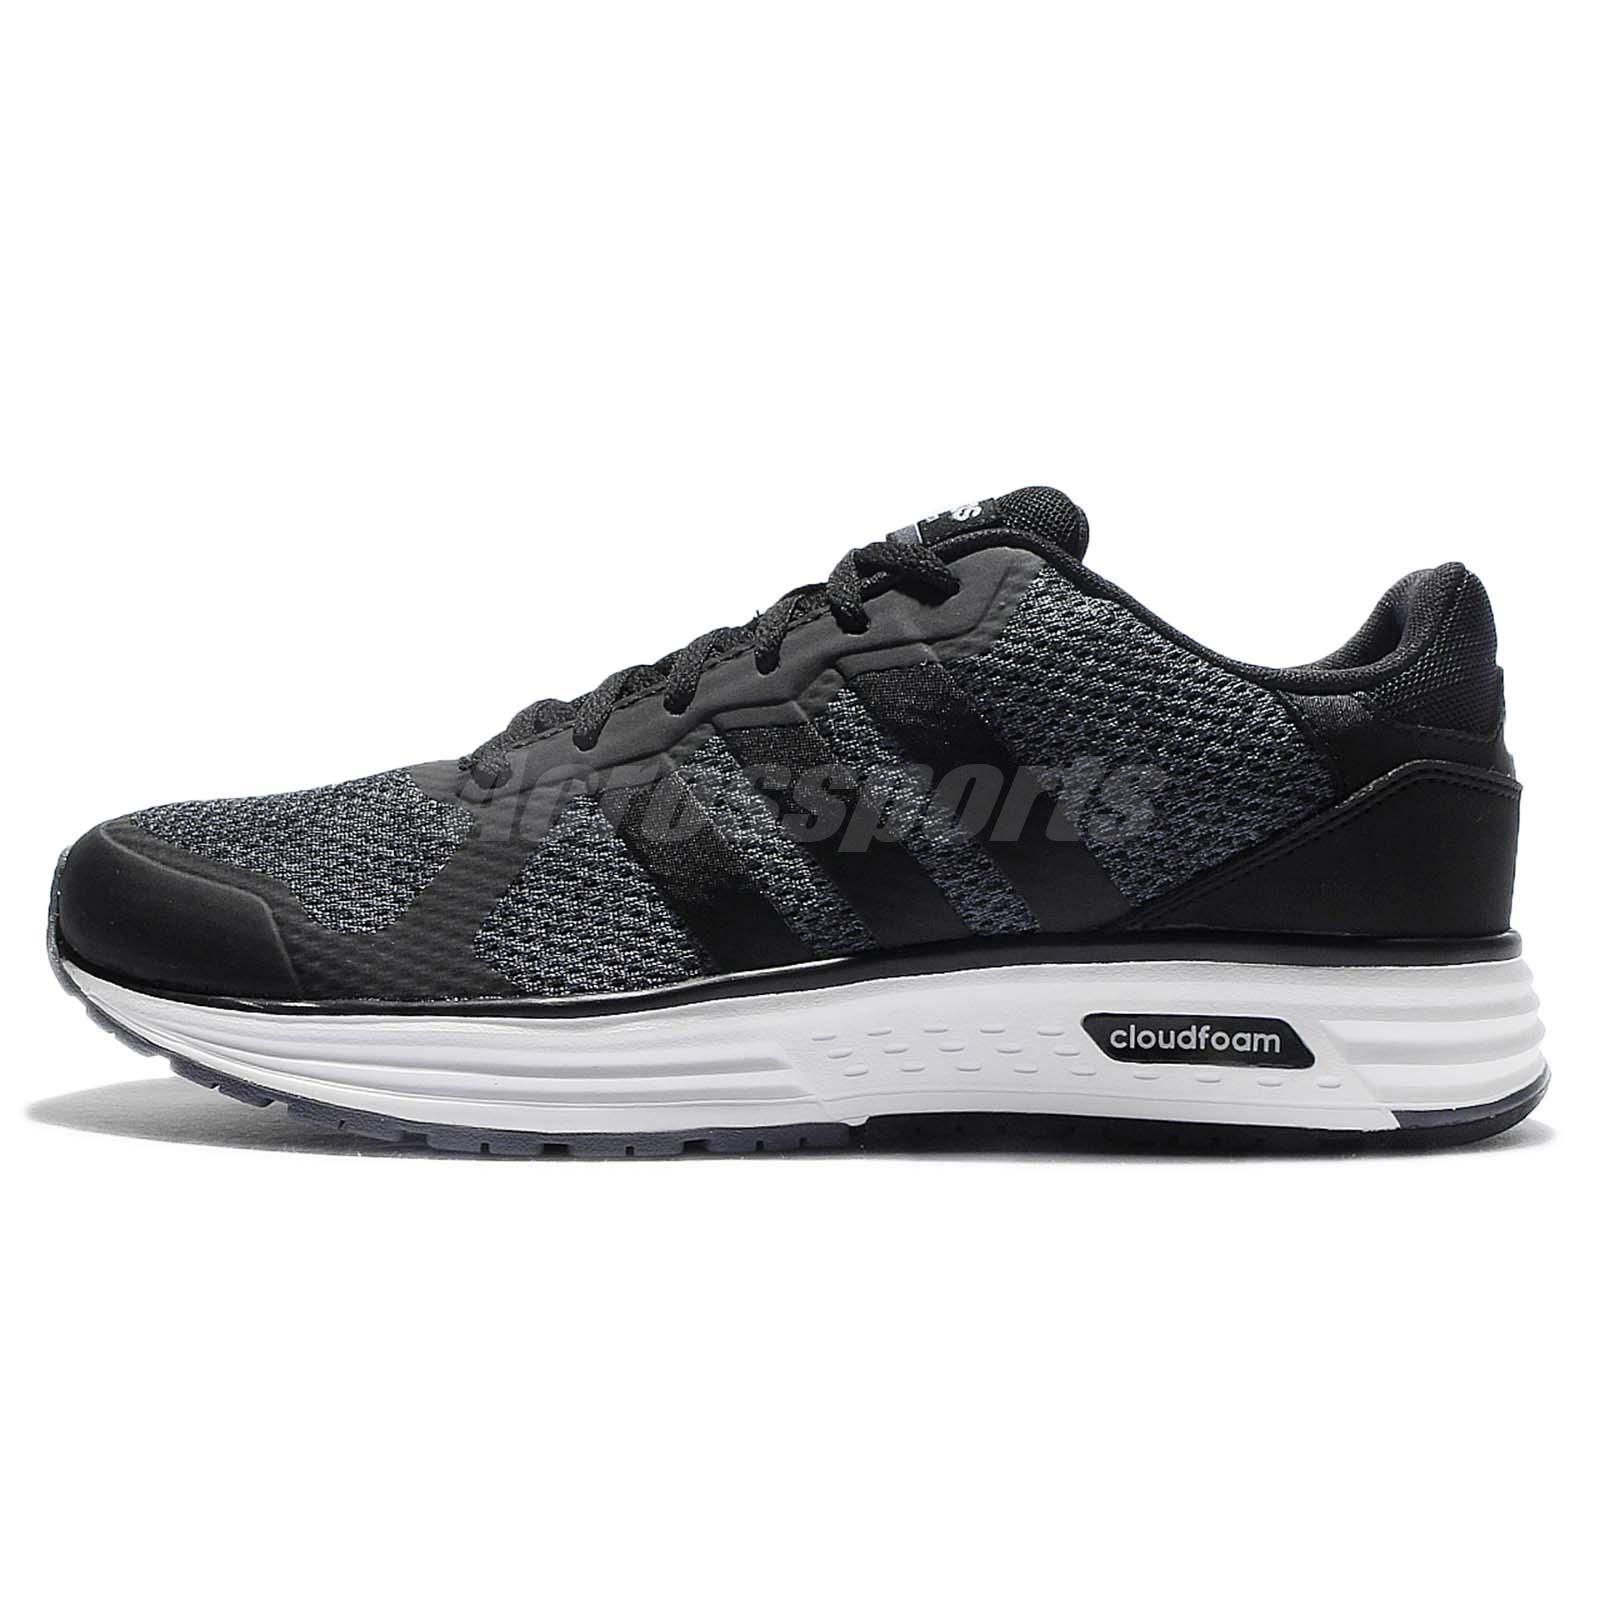 c9ae148eed598 Adidas Neo Shoes Ebay fawdingtonbmw.co.uk